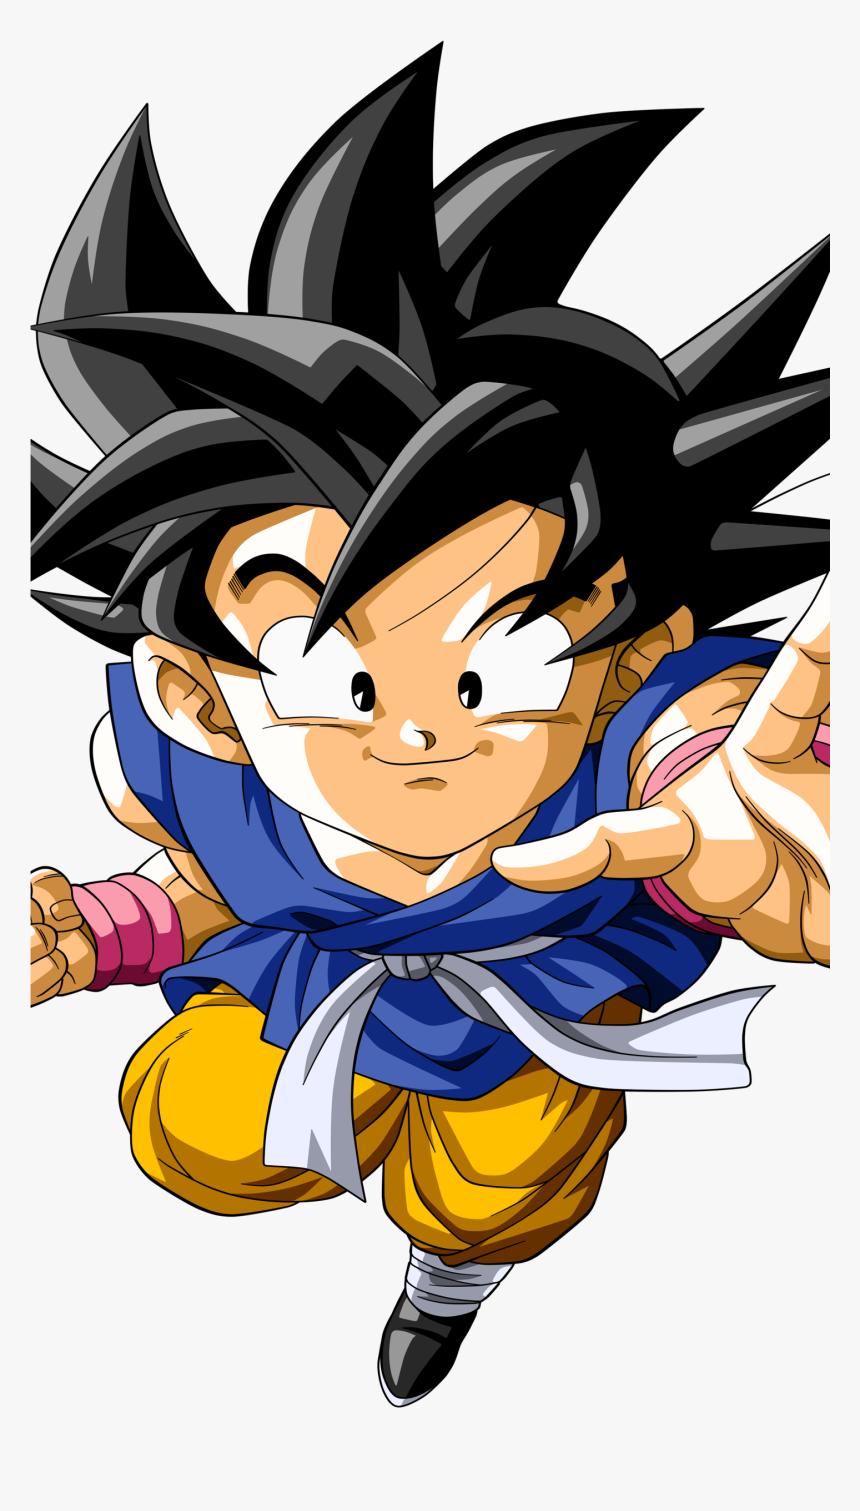 Kid Goku Anime Dragon Ball Gt Mobile Wallpaper Dragon Ball Z Gt Goku 2867324 Hd Wallpaper Backgrounds Download